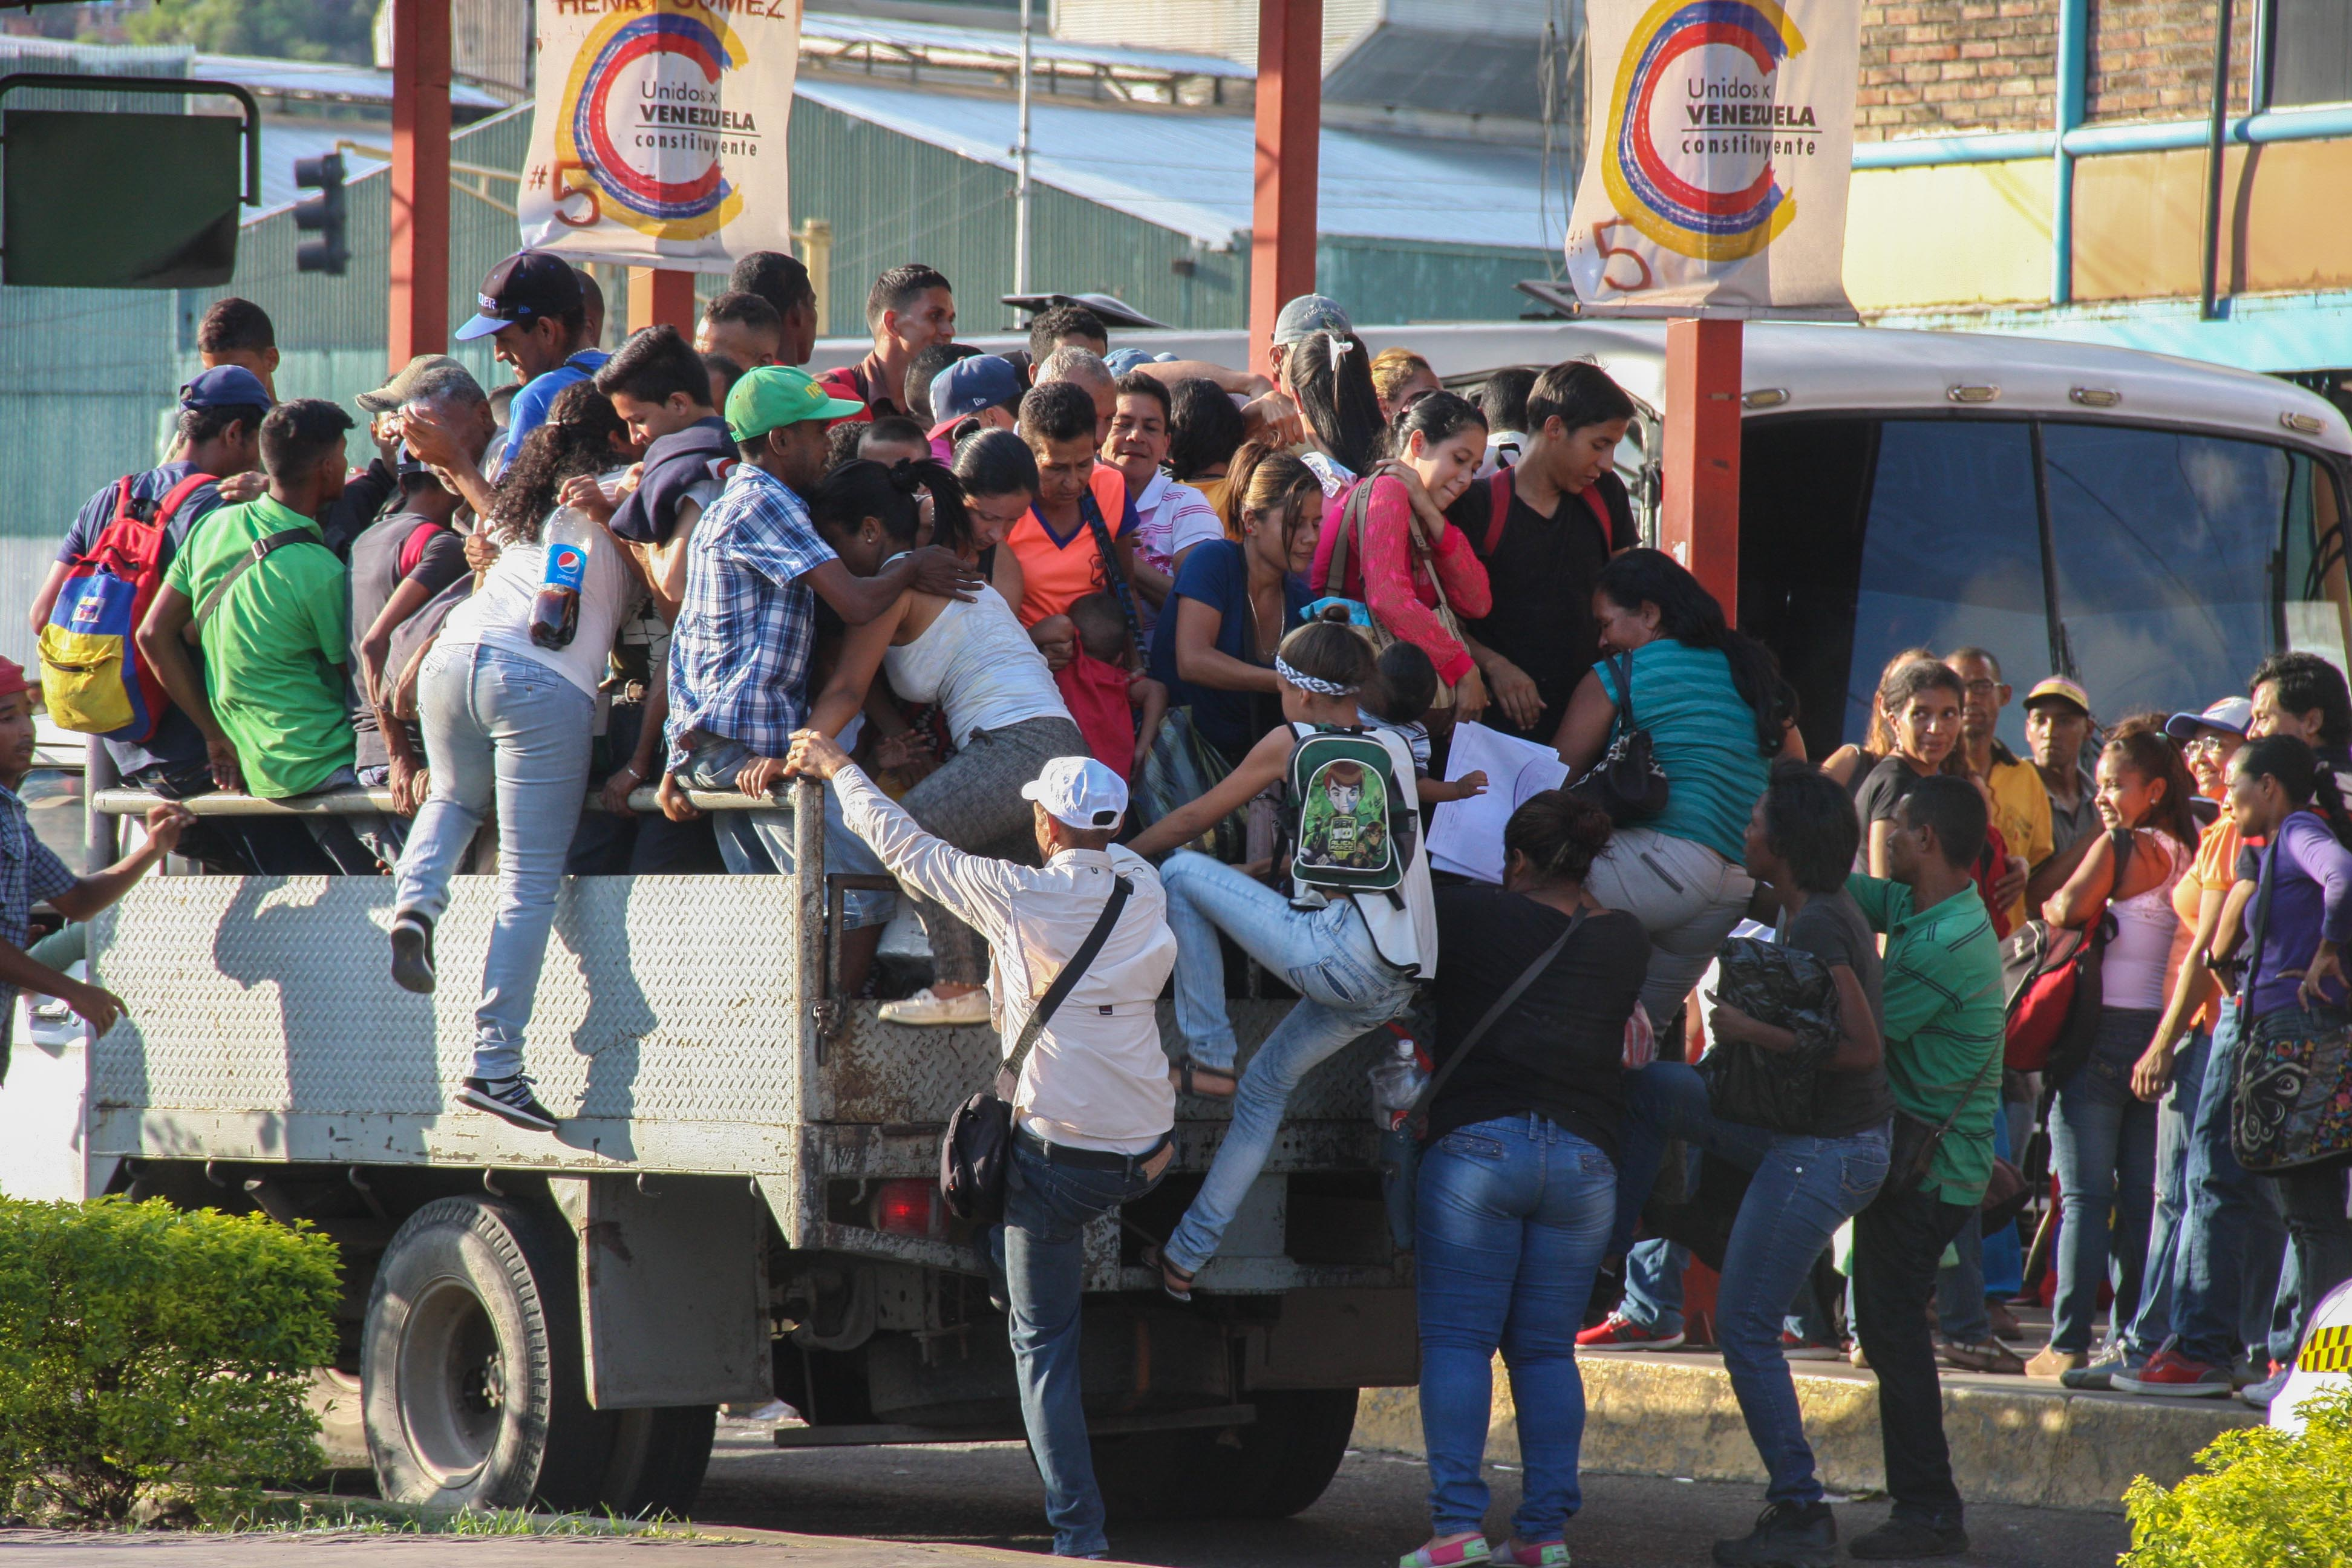 Conflictividad social en Venezuela en febrero de 2018